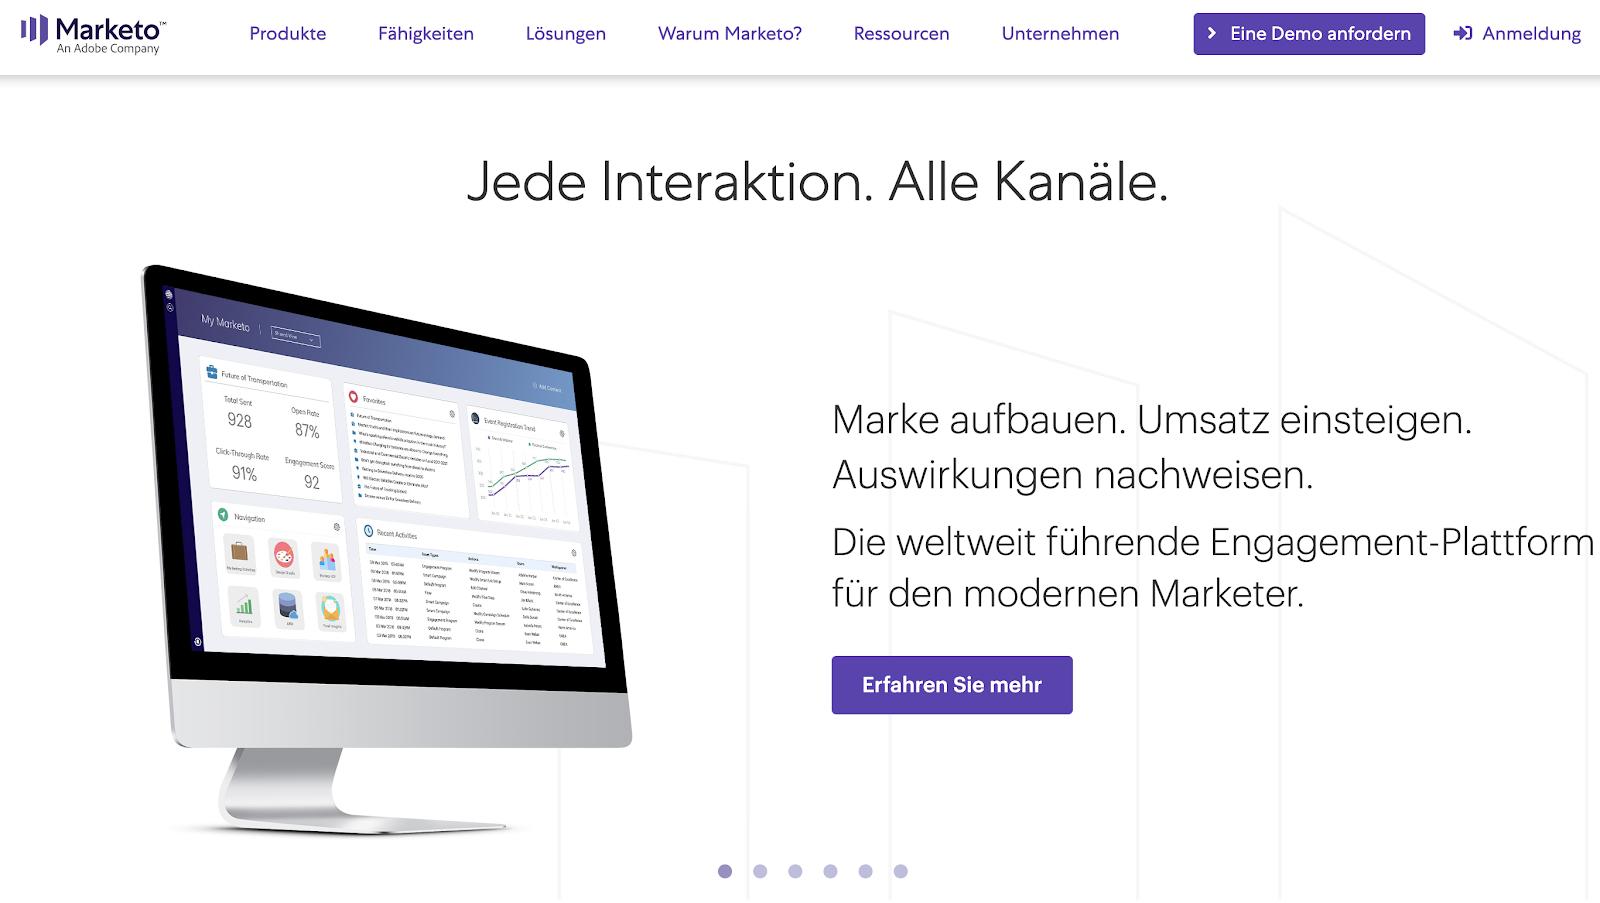 Marketo: Engagement-Plattform für automatisiertes Marketing